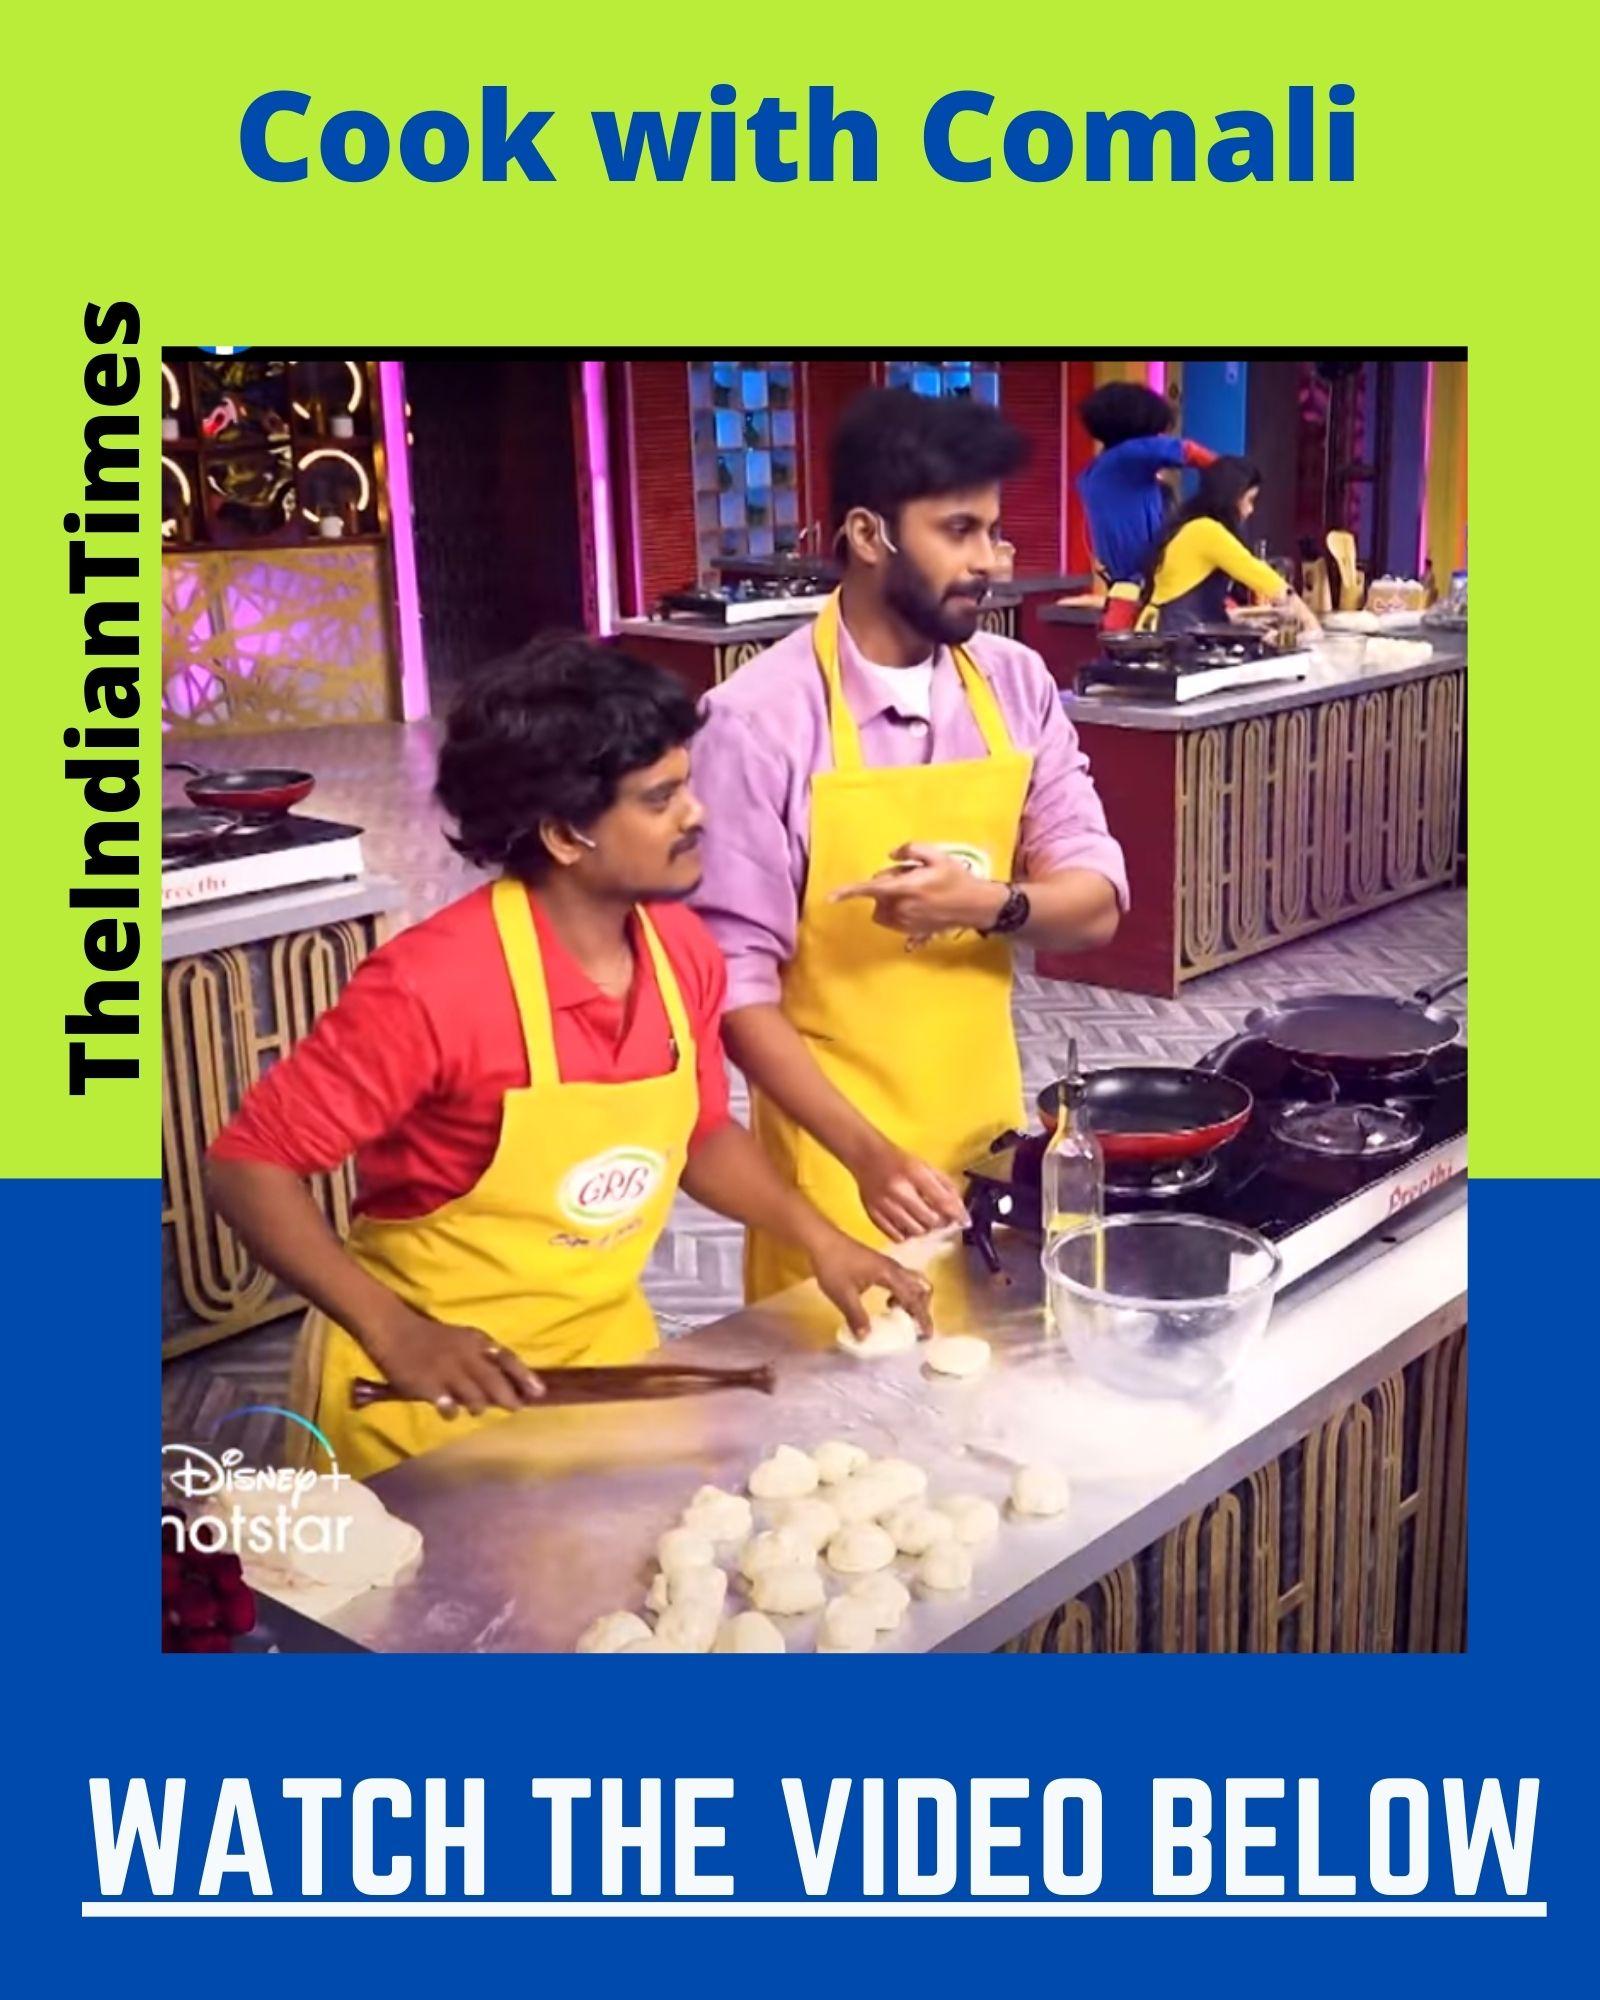 புது லூக்குக்கு மாறிய புகழ் - குக் வித் கோமாளி | Promo 7